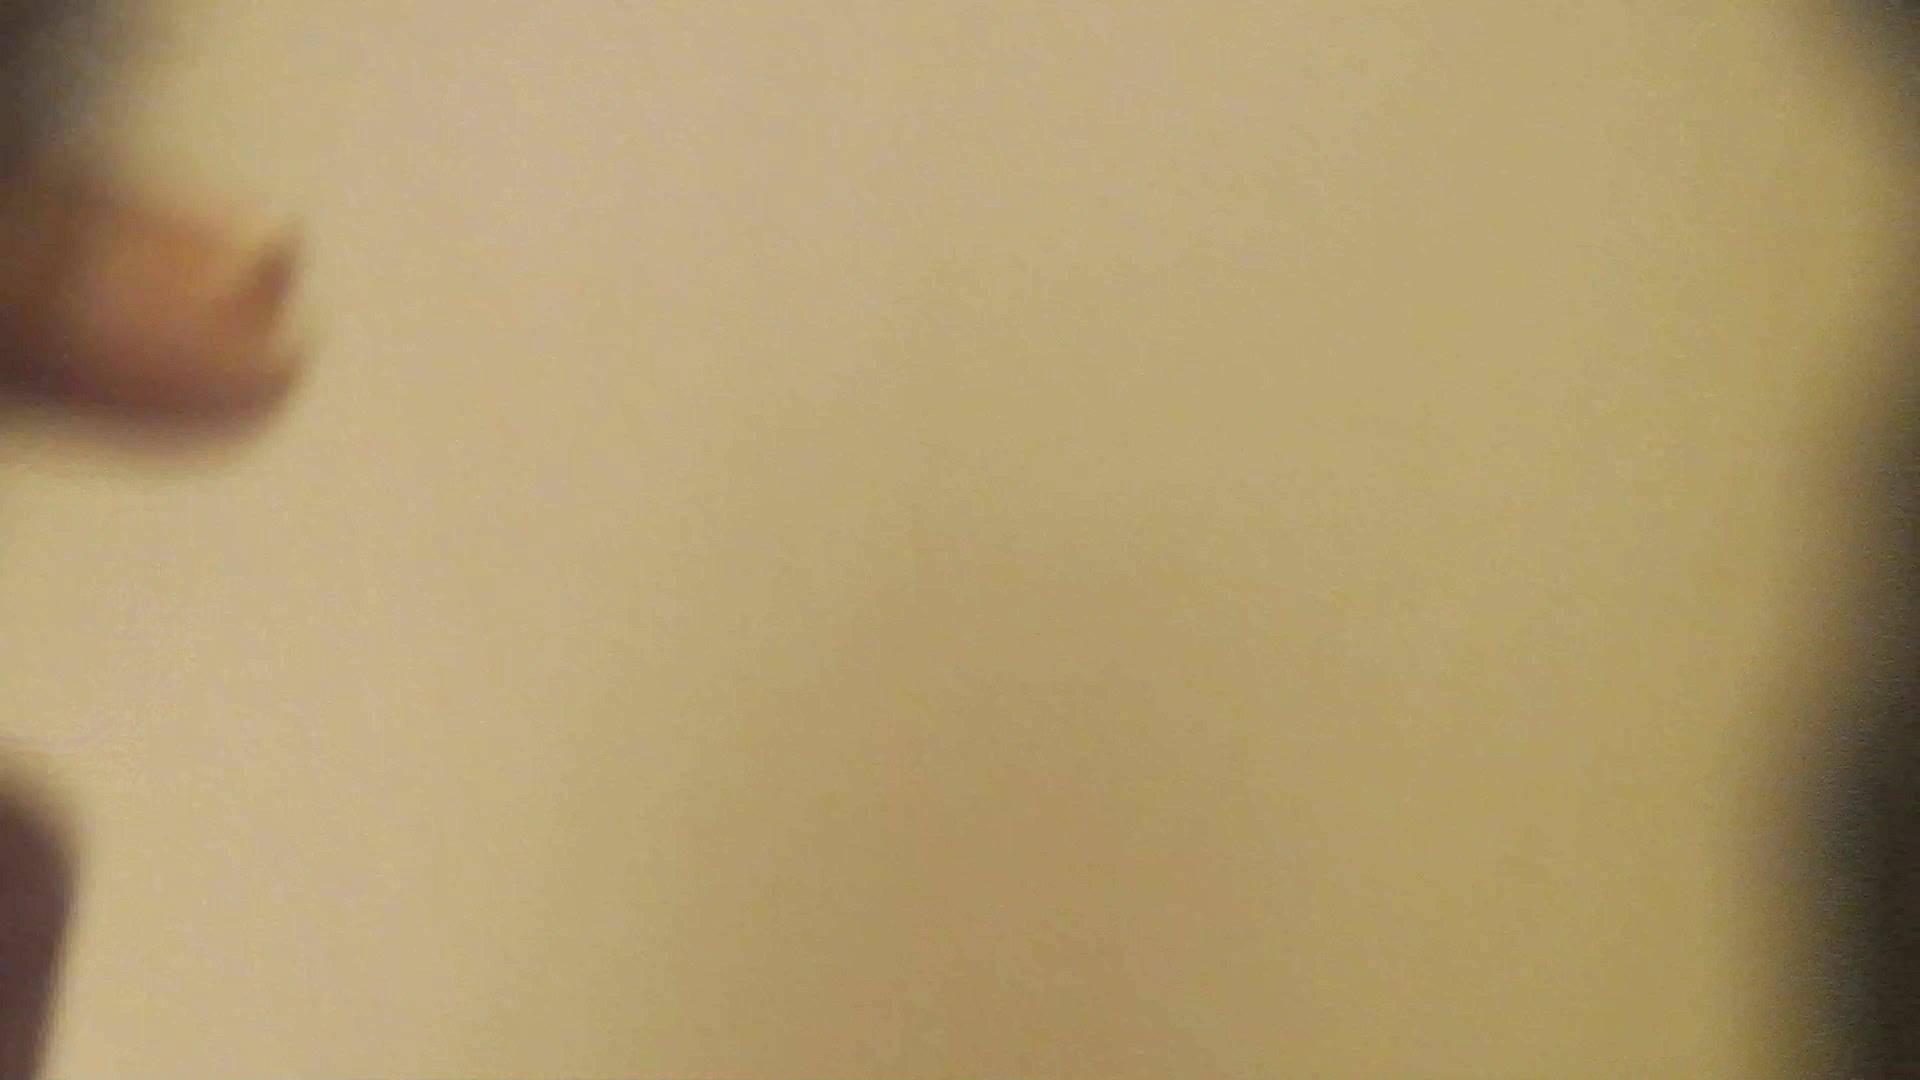 阿国ちゃんの「和式洋式七変化」No.5 ギャル攻め | 丸見え  67画像 19